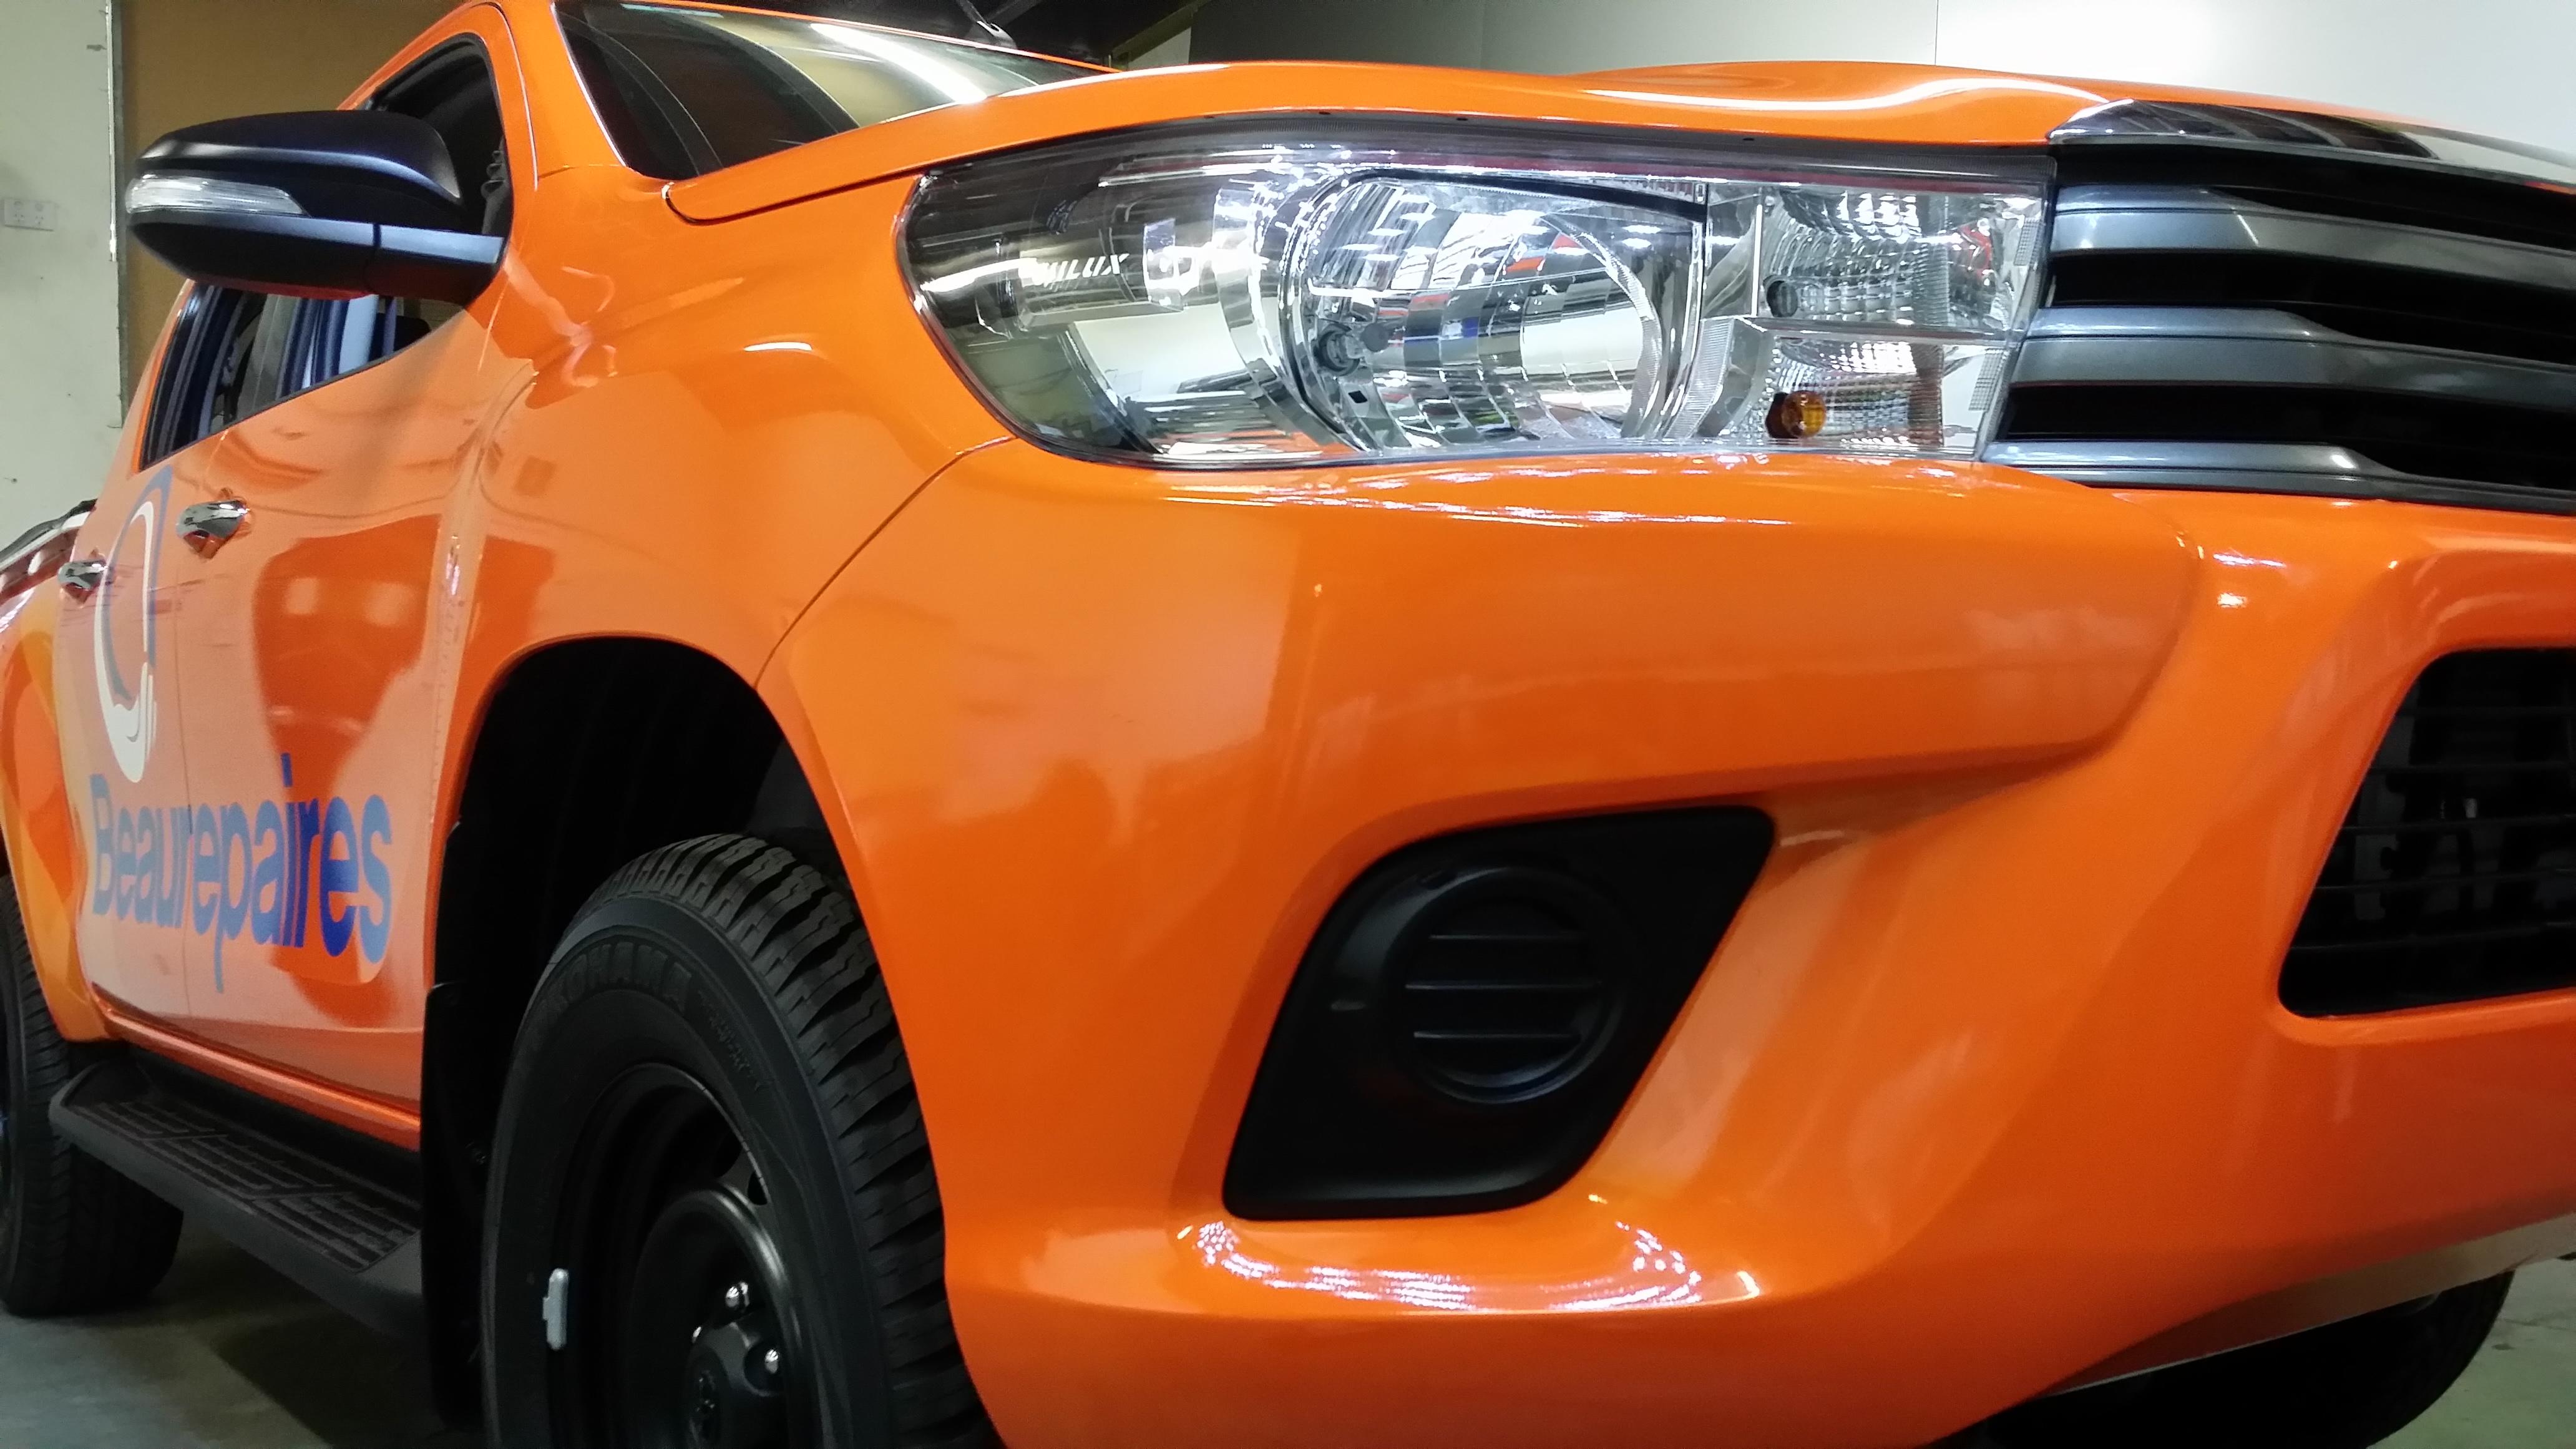 Vehicle wraps brisbane queensland australia linehouse graphics 20160215092931 20160215092955 20160201161541 20160201161459 categories car bonnet wrapscast vinyl solutioingenieria Choice Image